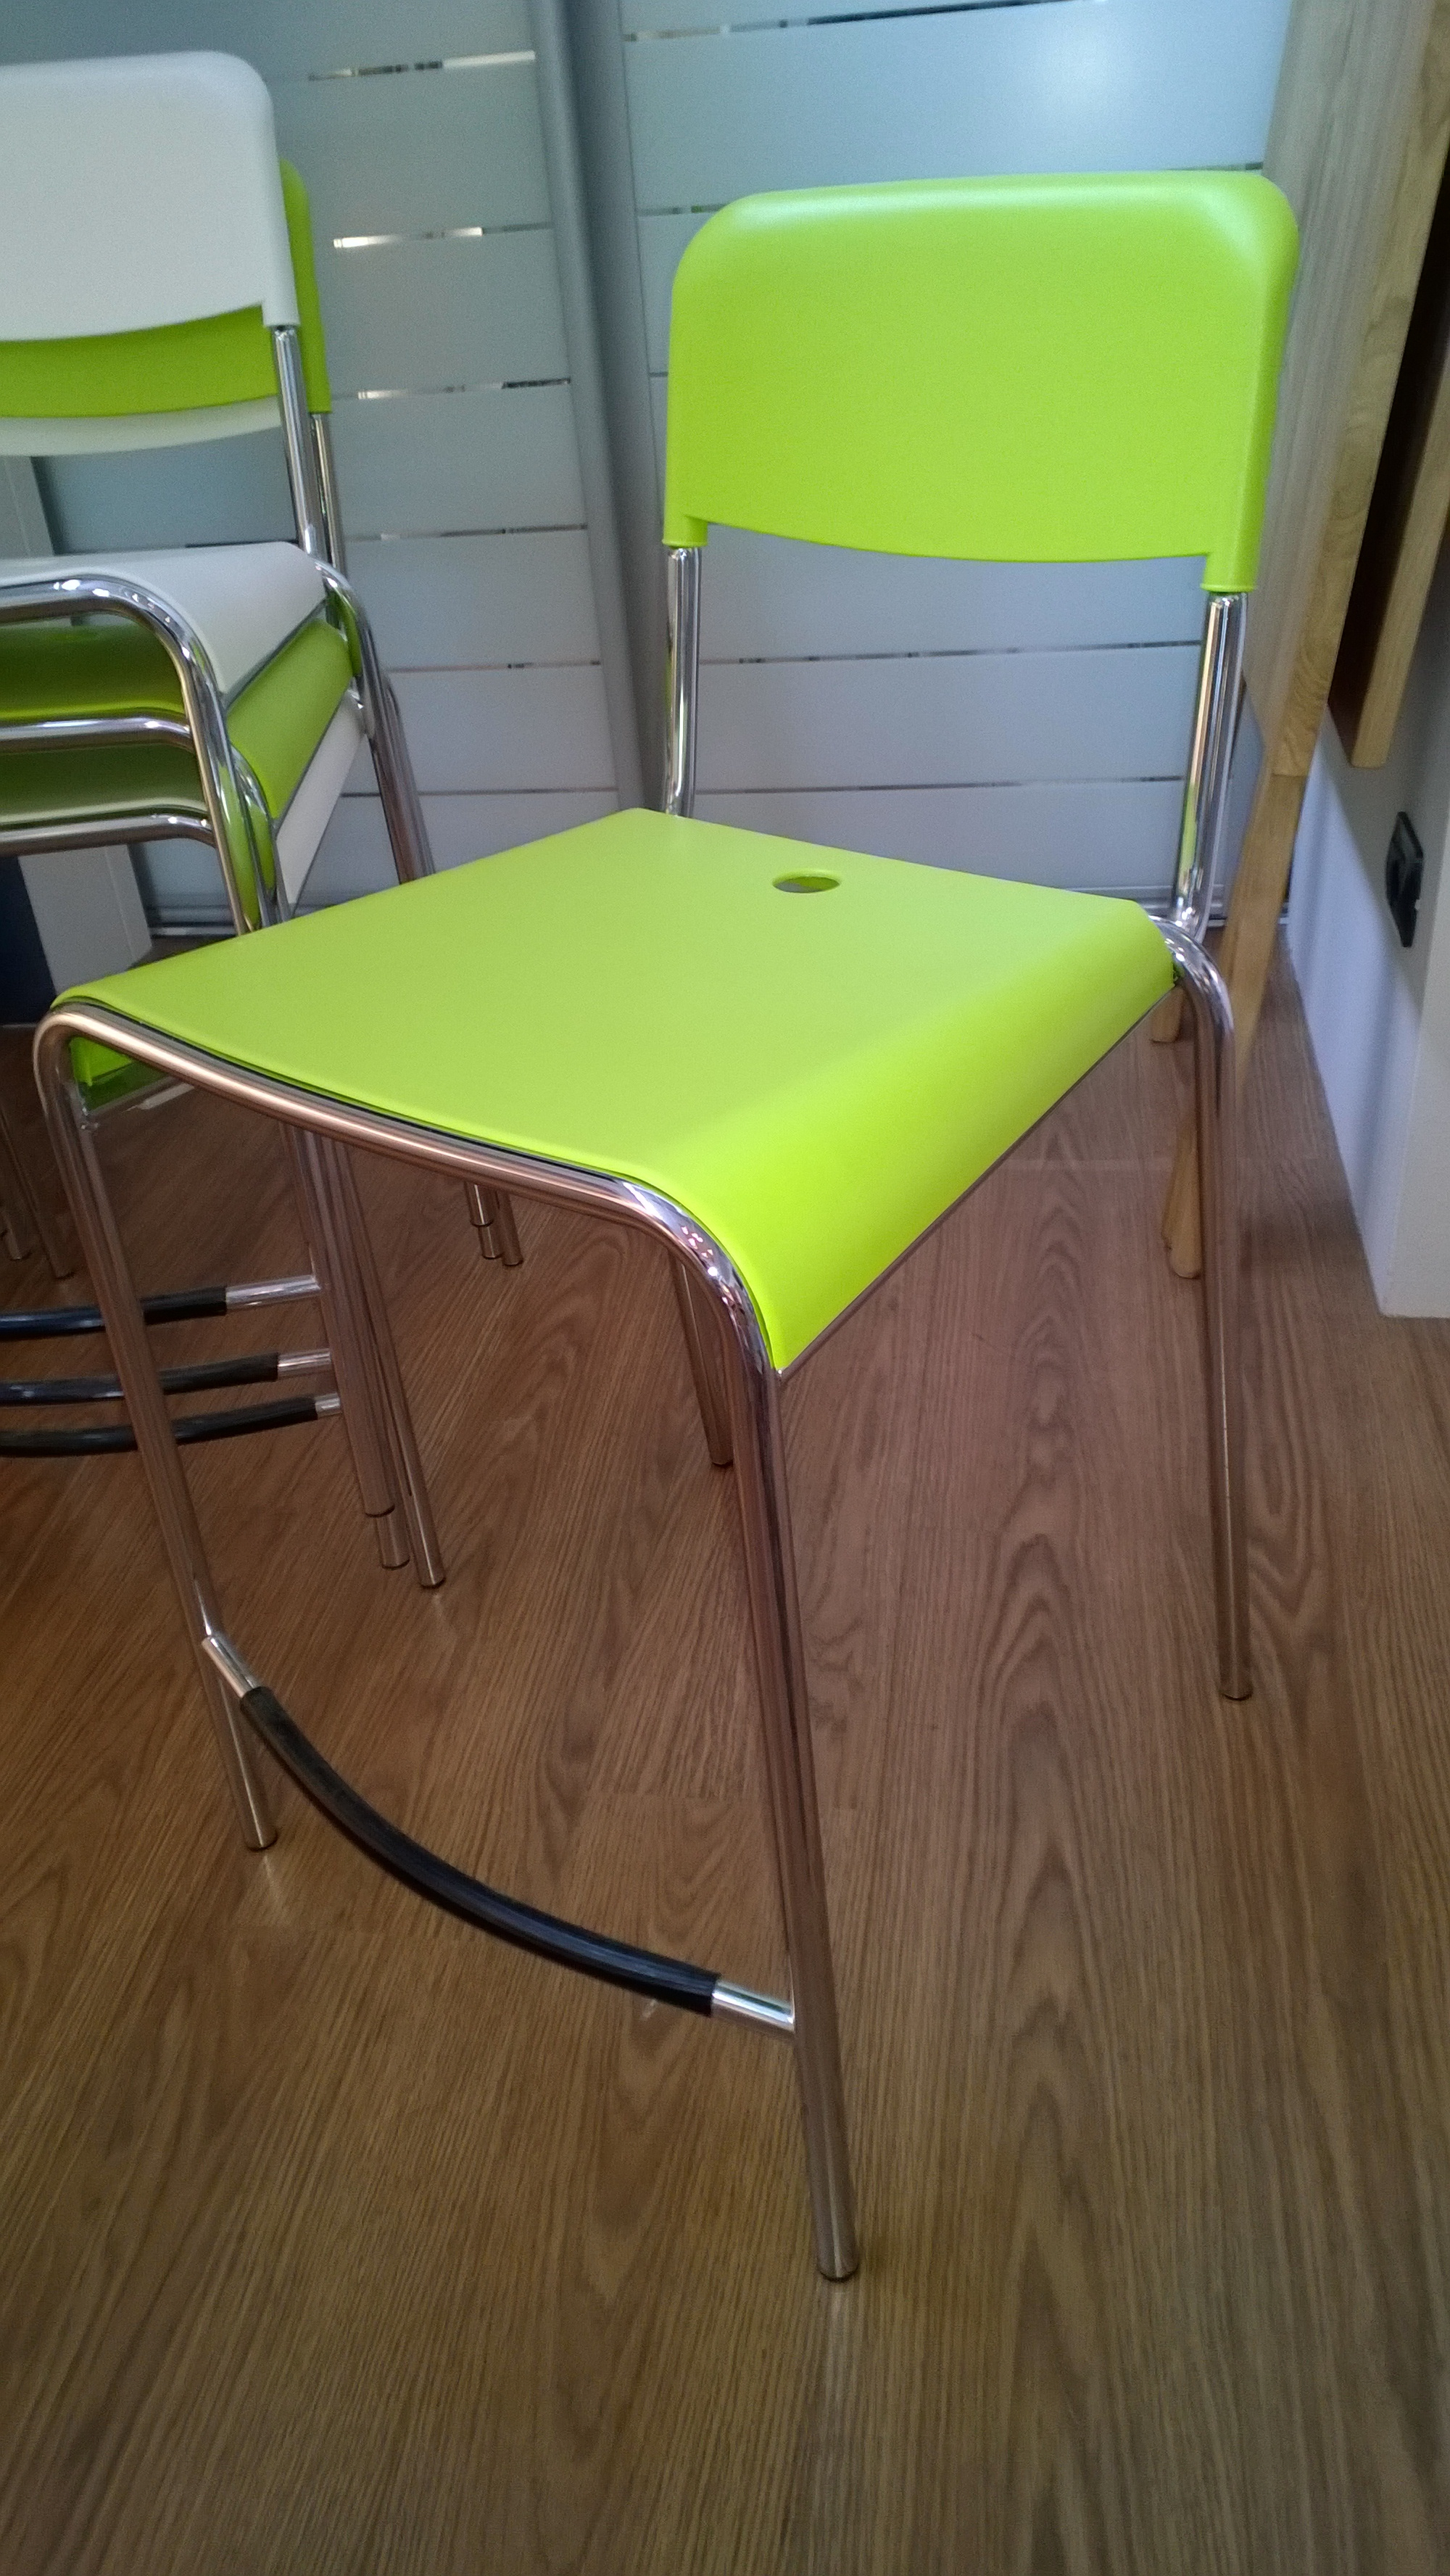 Sgabello calligaris promozione sedie a prezzi scontati for Calligaris sedie prezzi